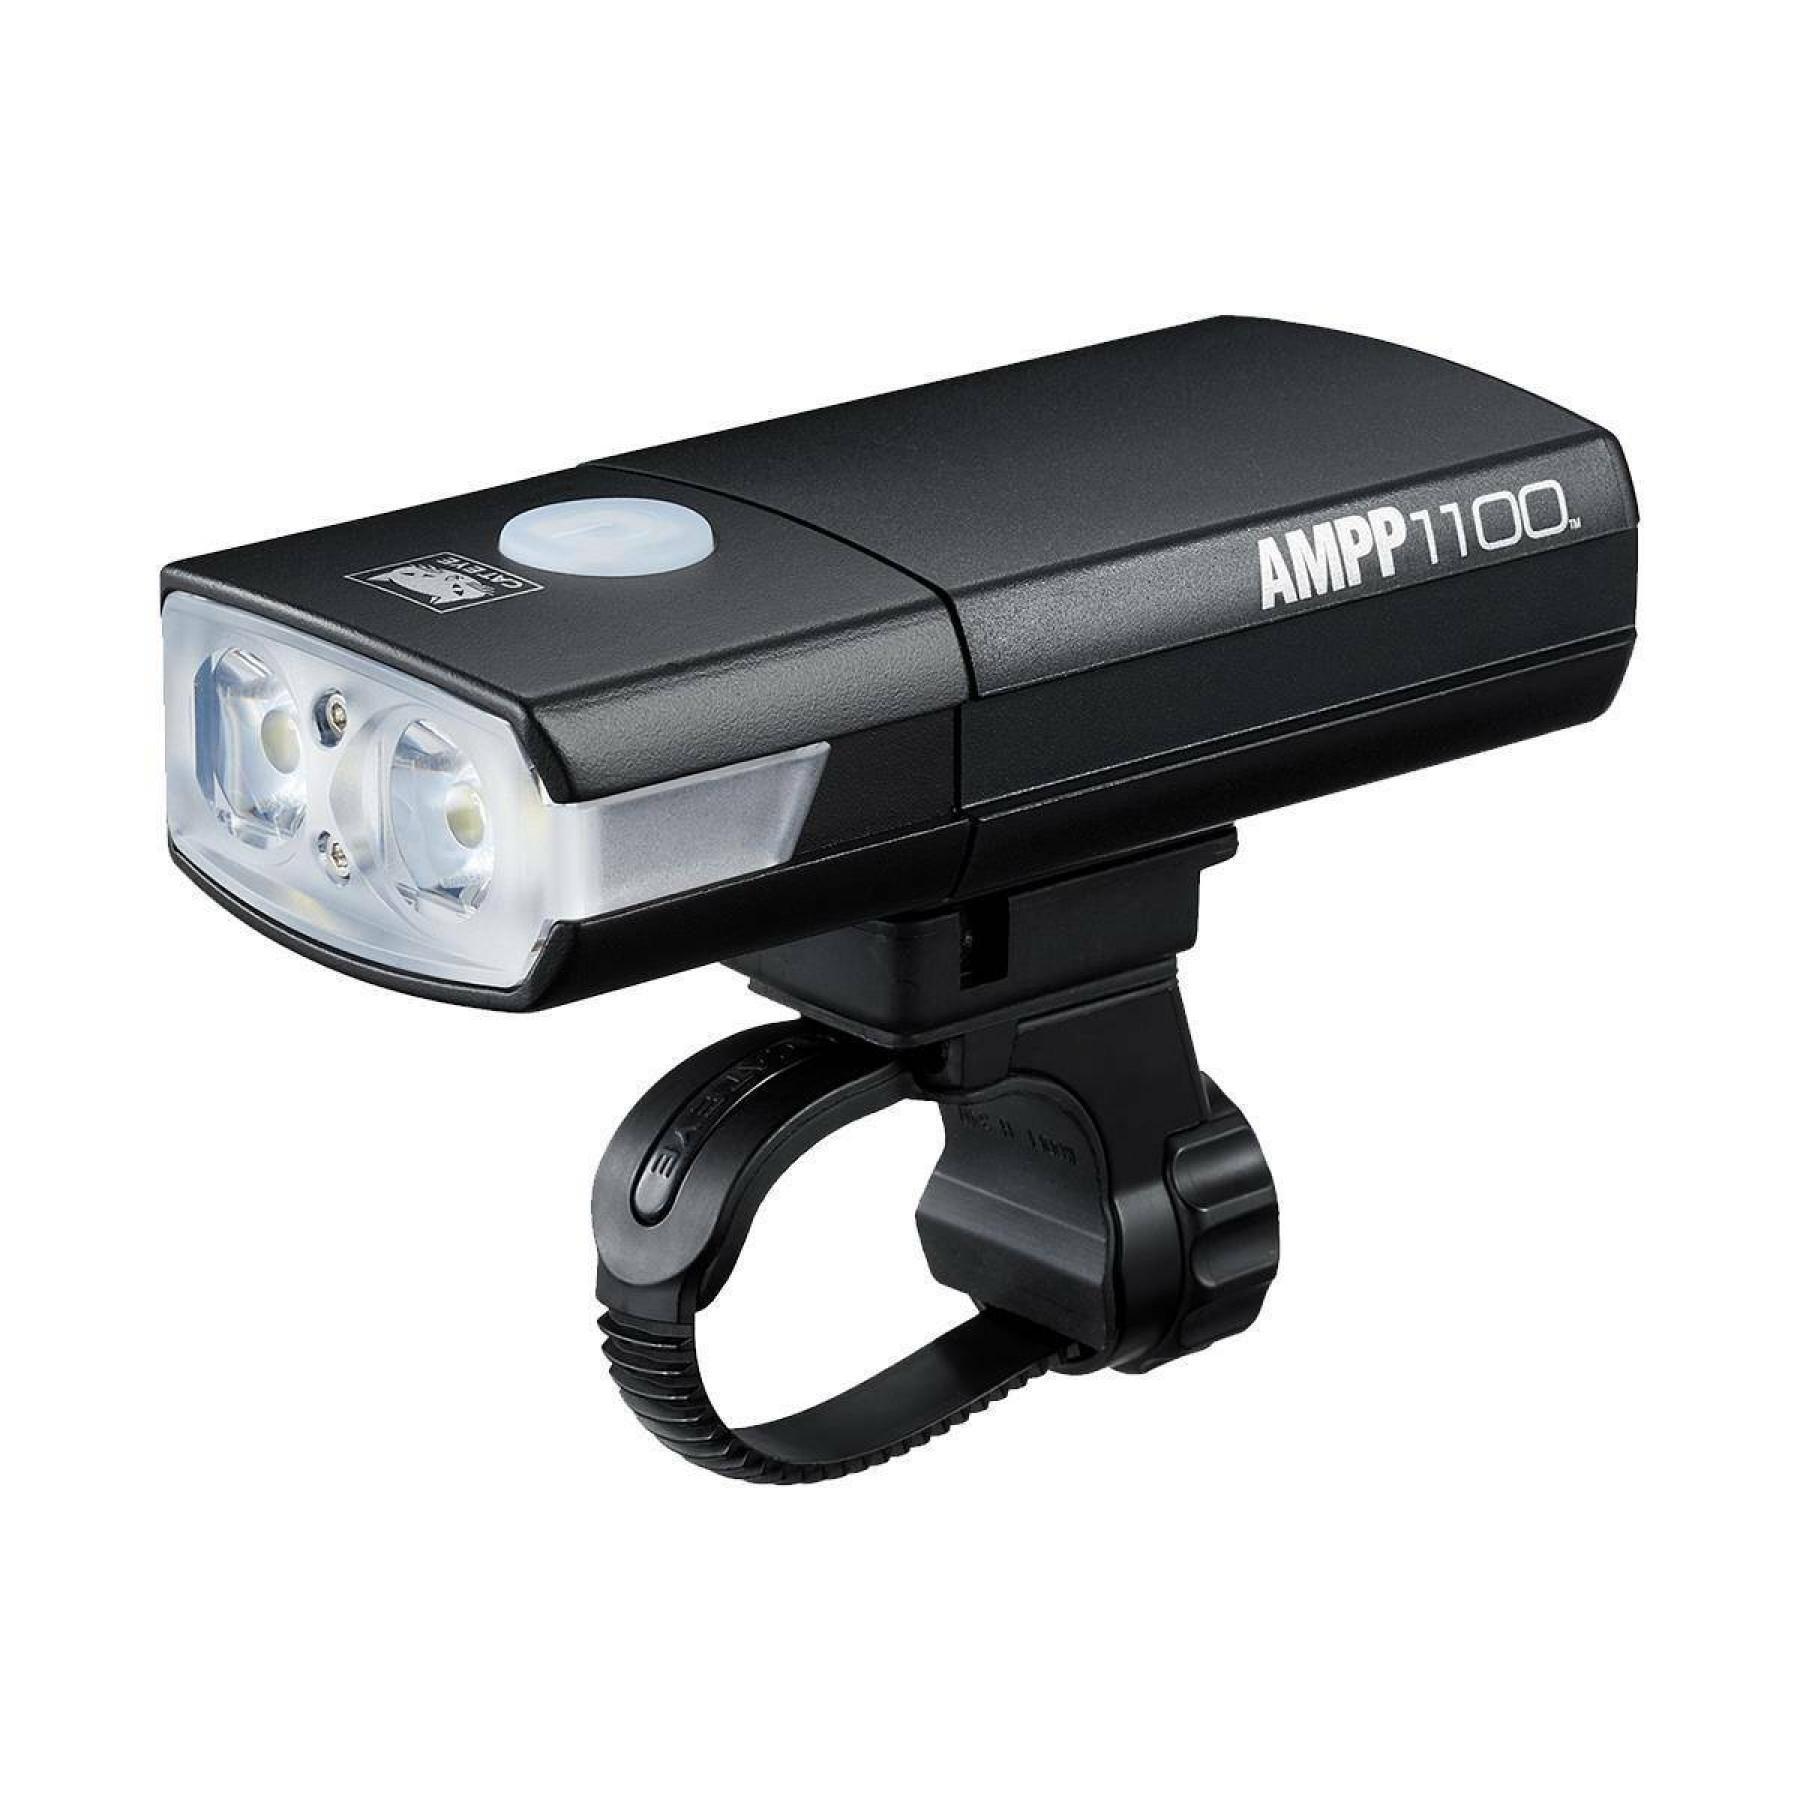 Cateye Ampp 1100 koplamp